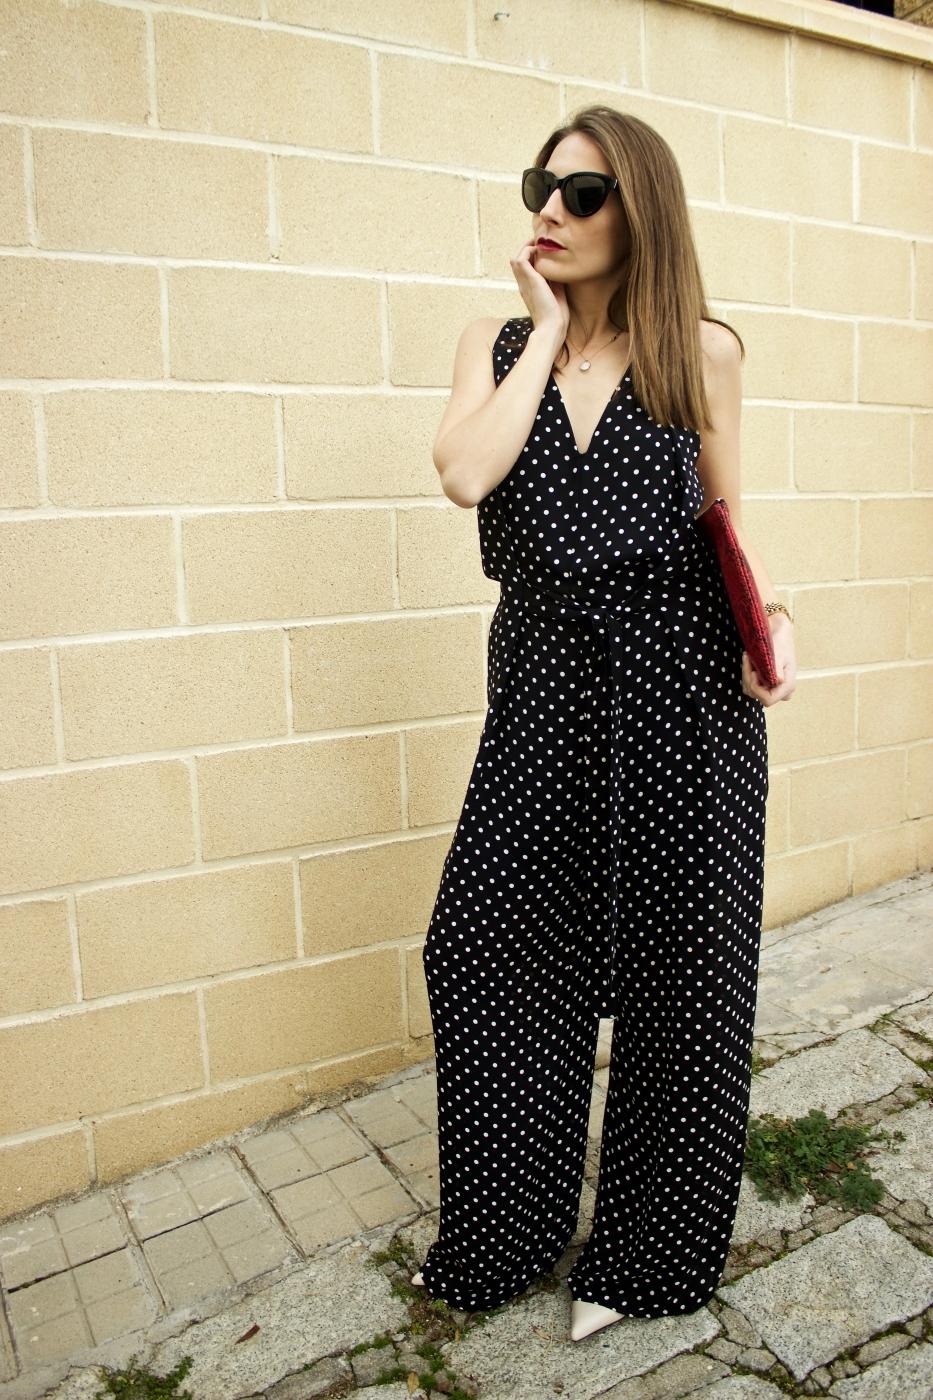 lara-vazquez-madlula-style-fashionblog-moda-jumpsuite-streetstyle-ootd